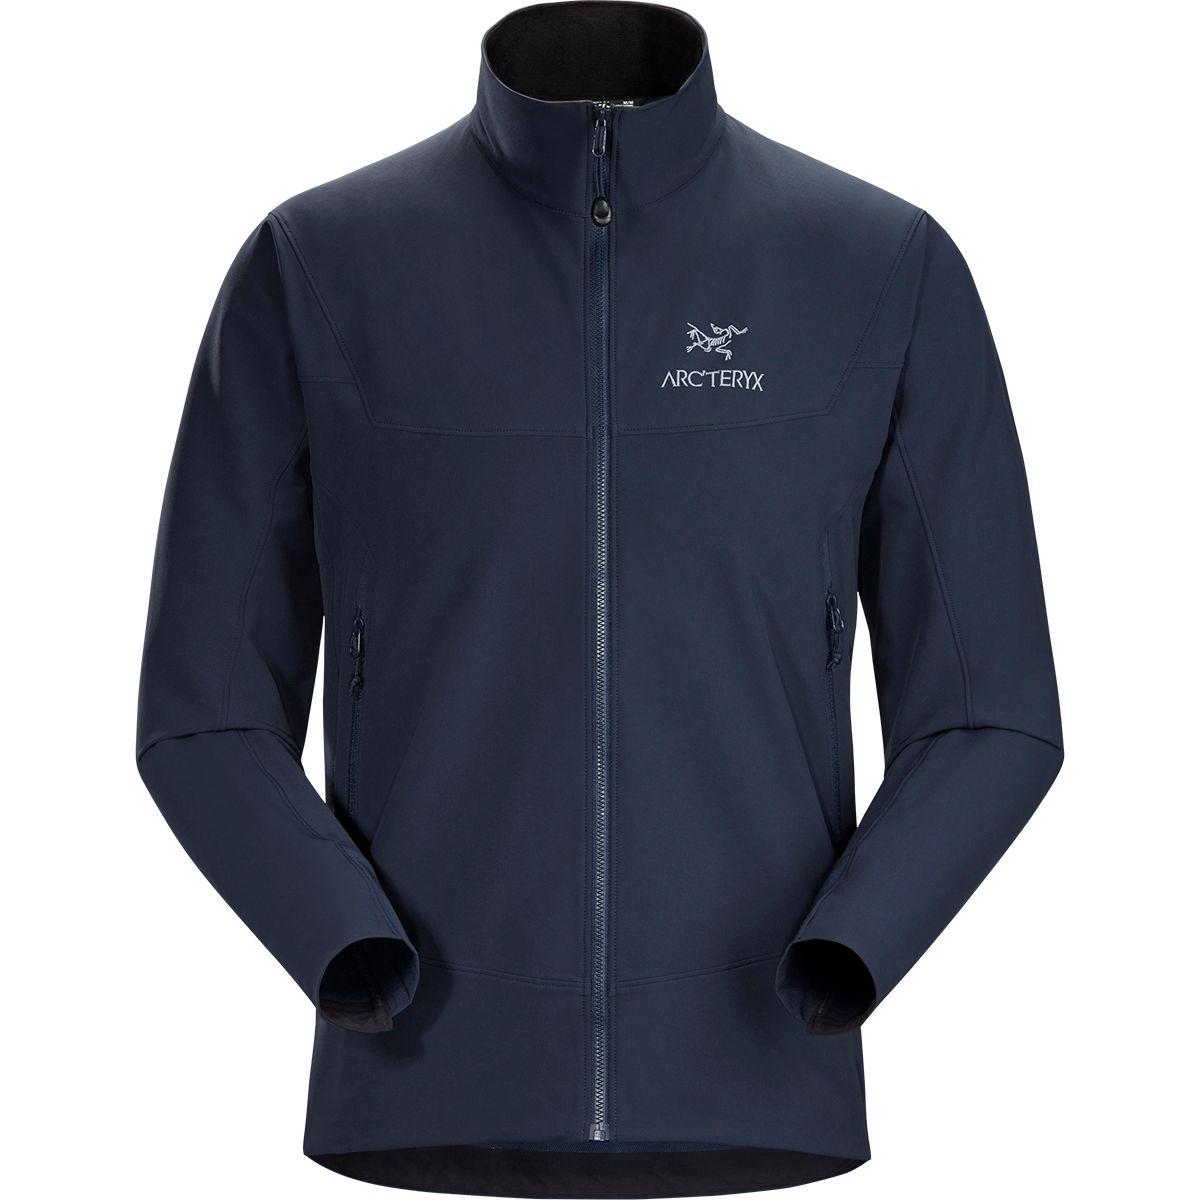 Arc'teryx Gamma LT Jacket